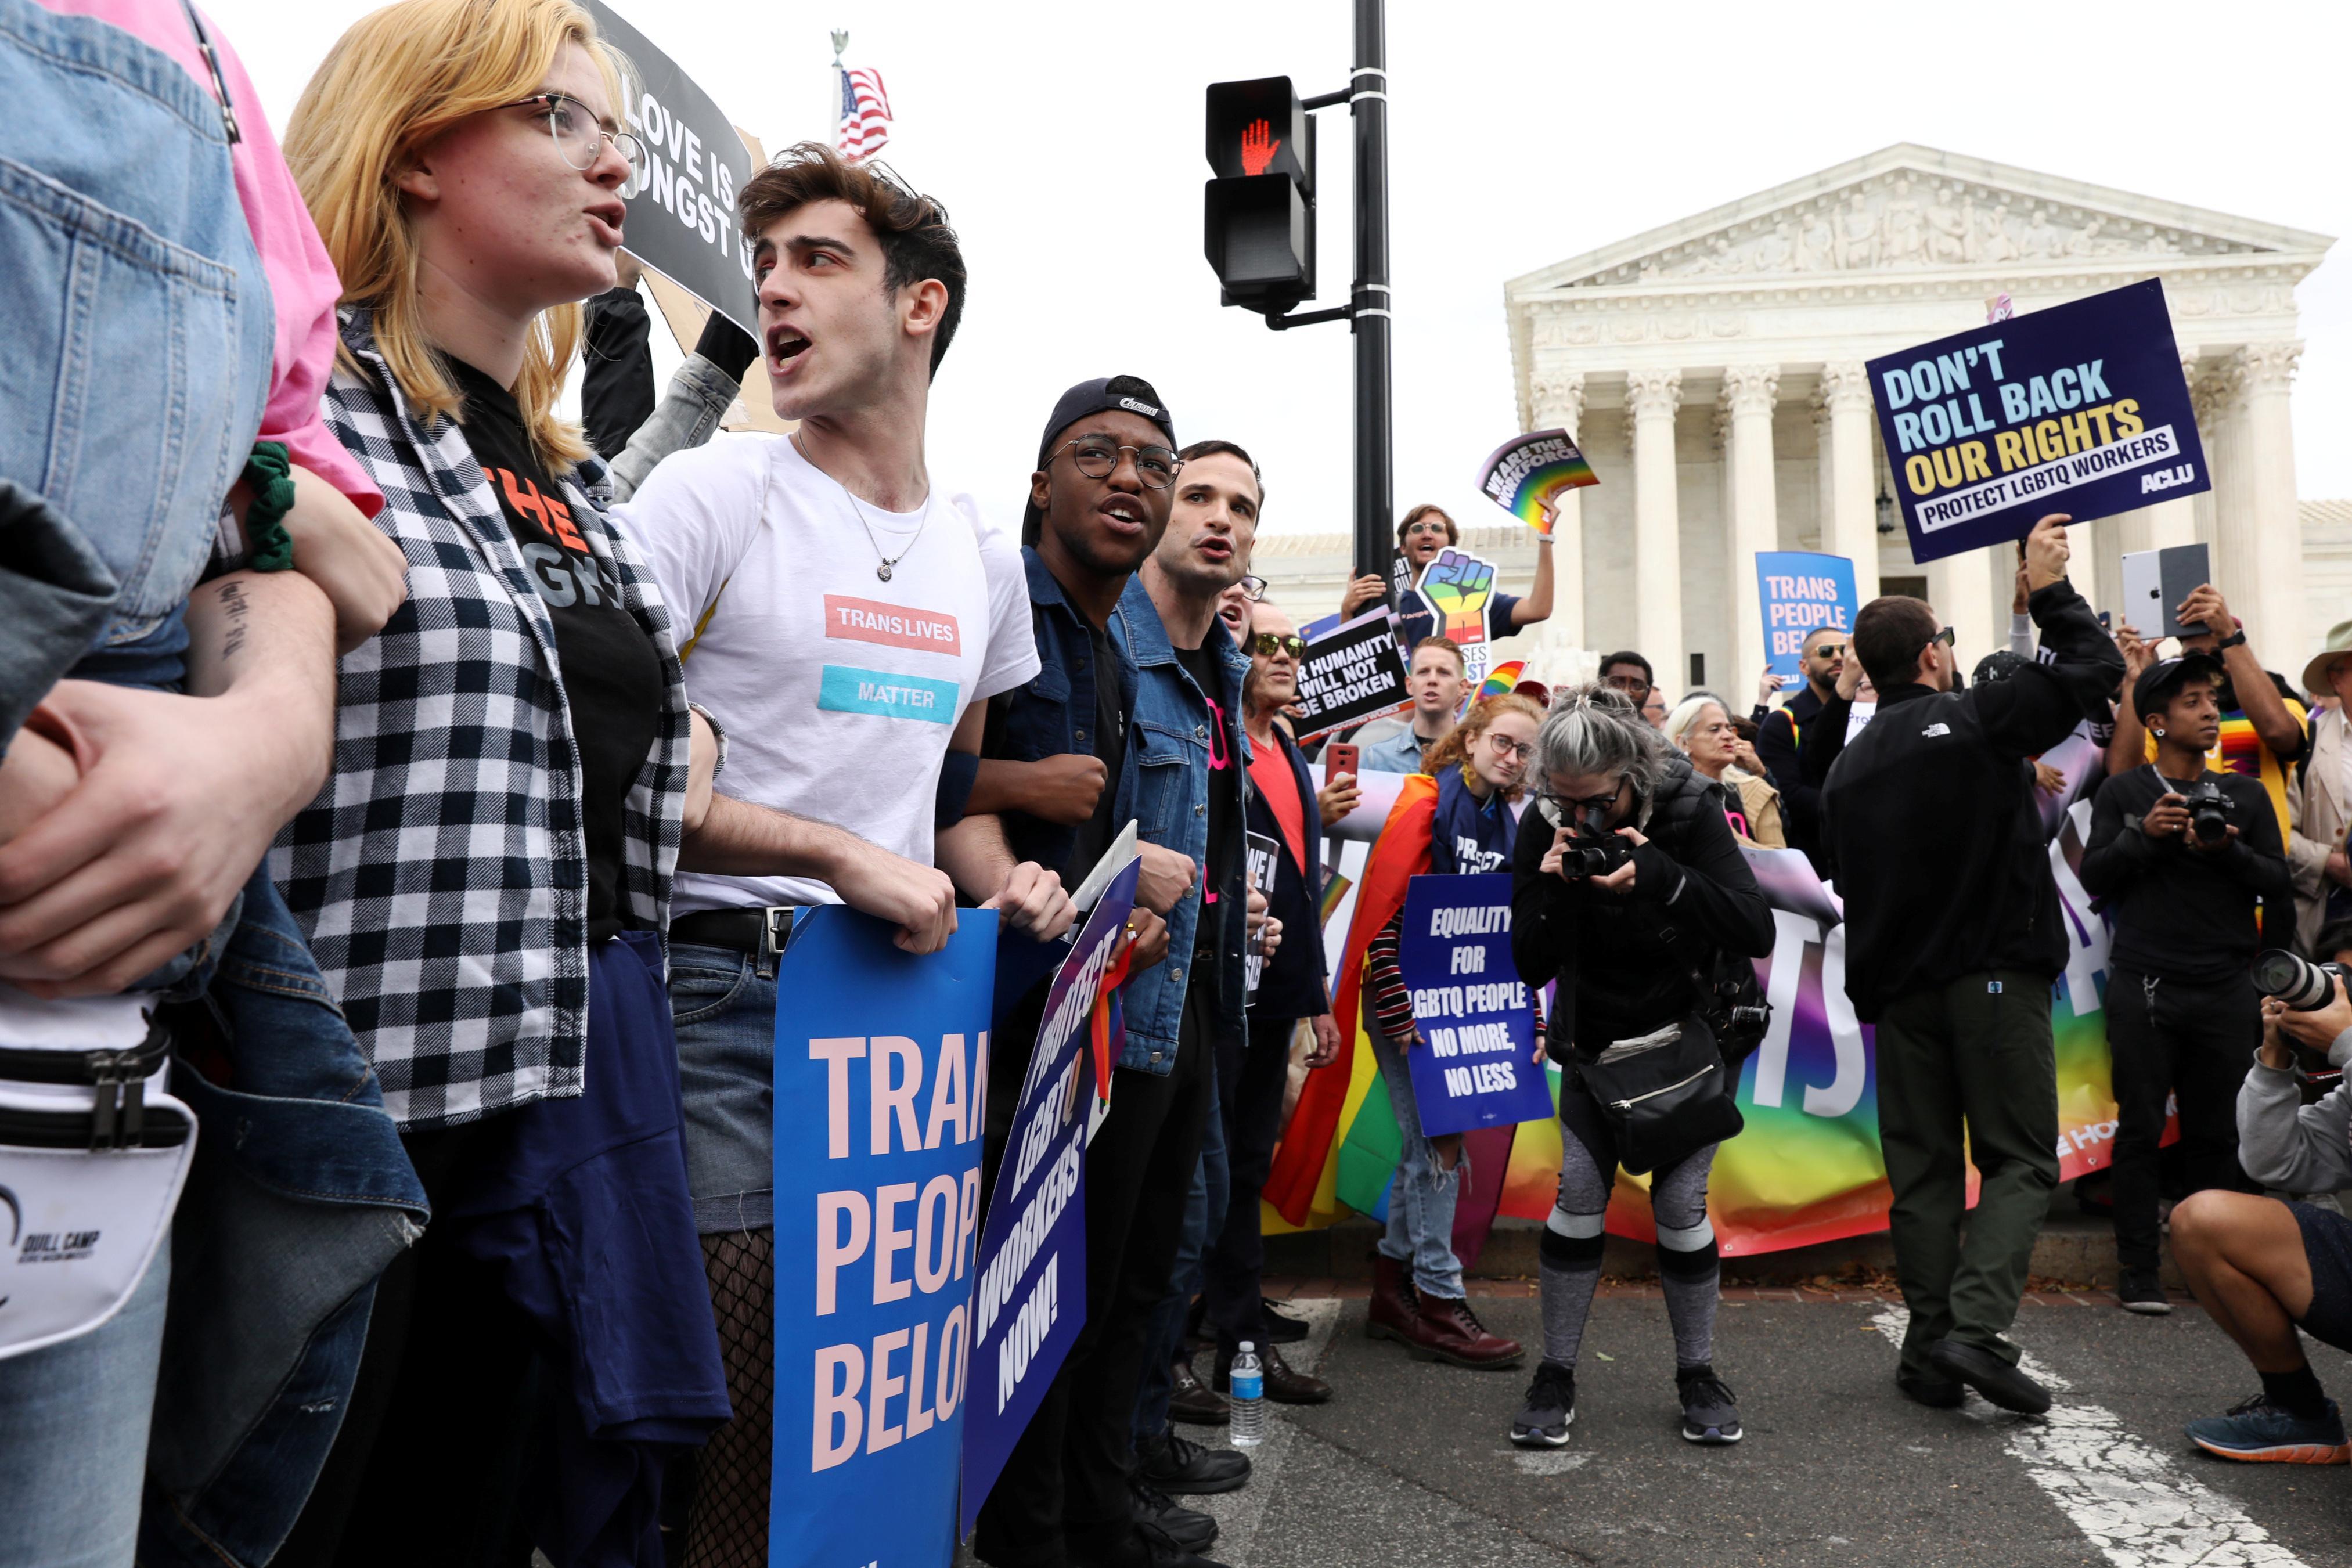 La Cour suprême des États-Unis est divisée sur la protection de l'emploi des LGBT; Gorsuch pourrait être la clé